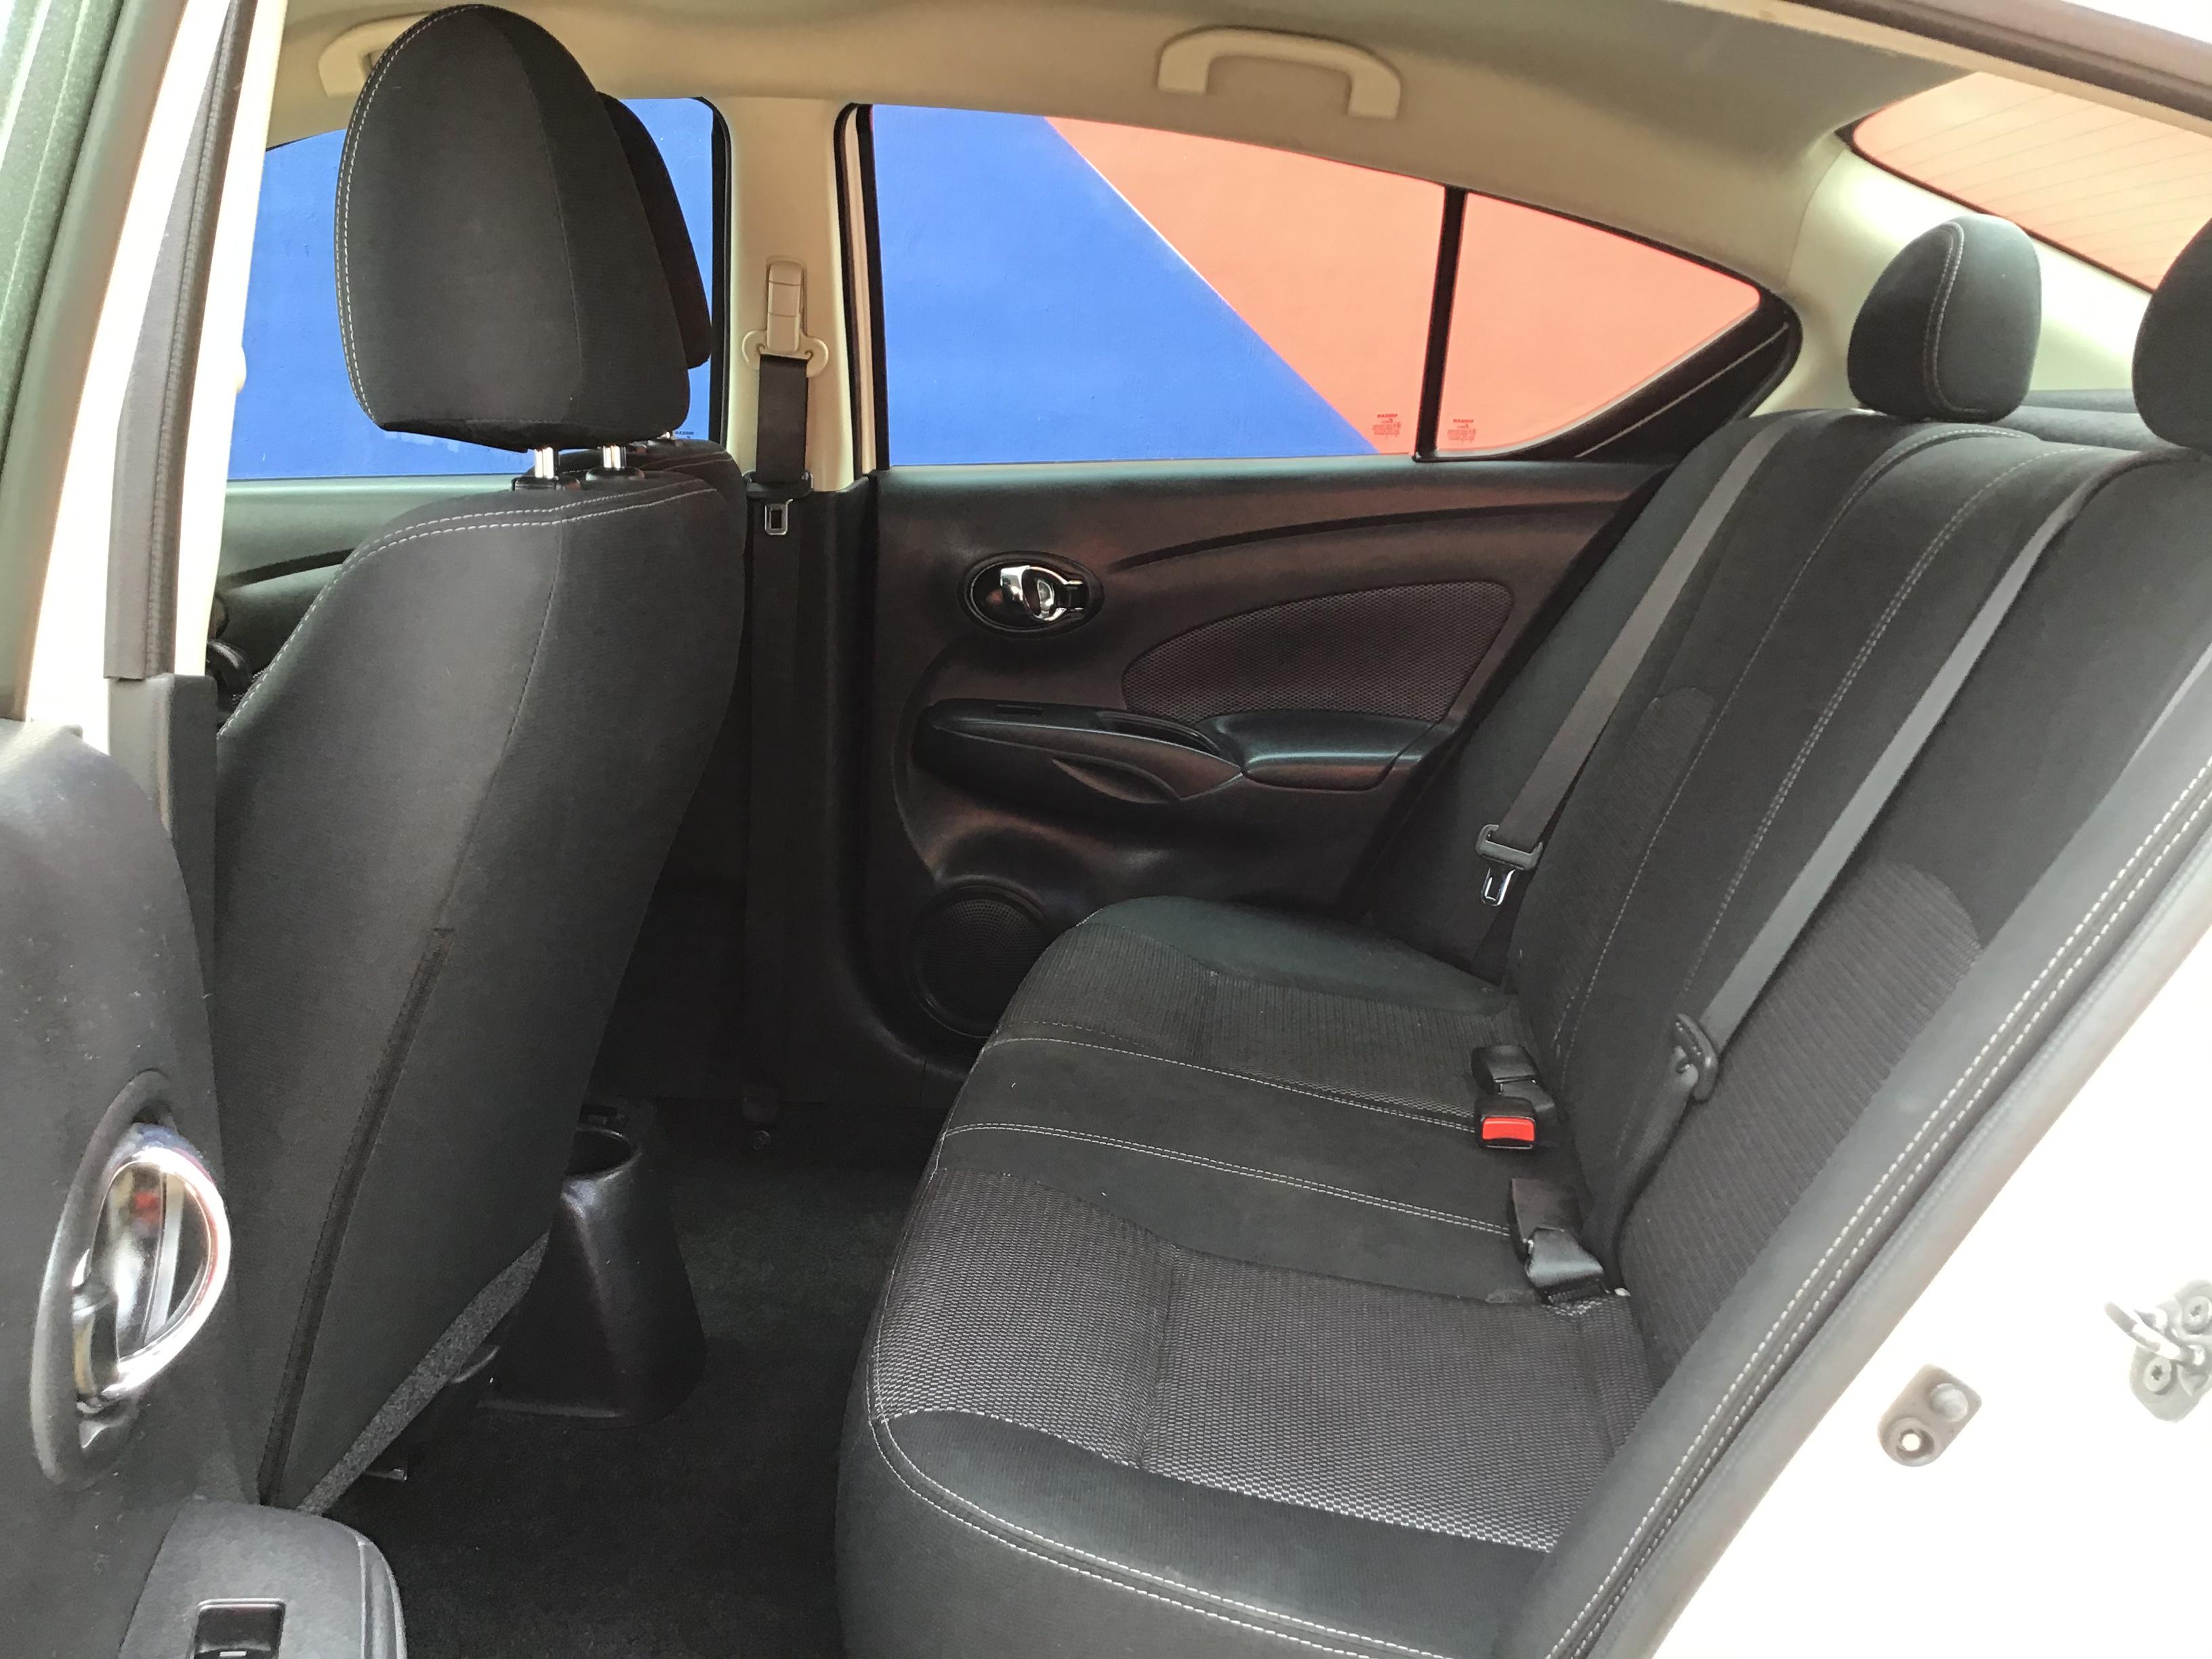 used vehicle - Sedan NISSAN VERSA 2018